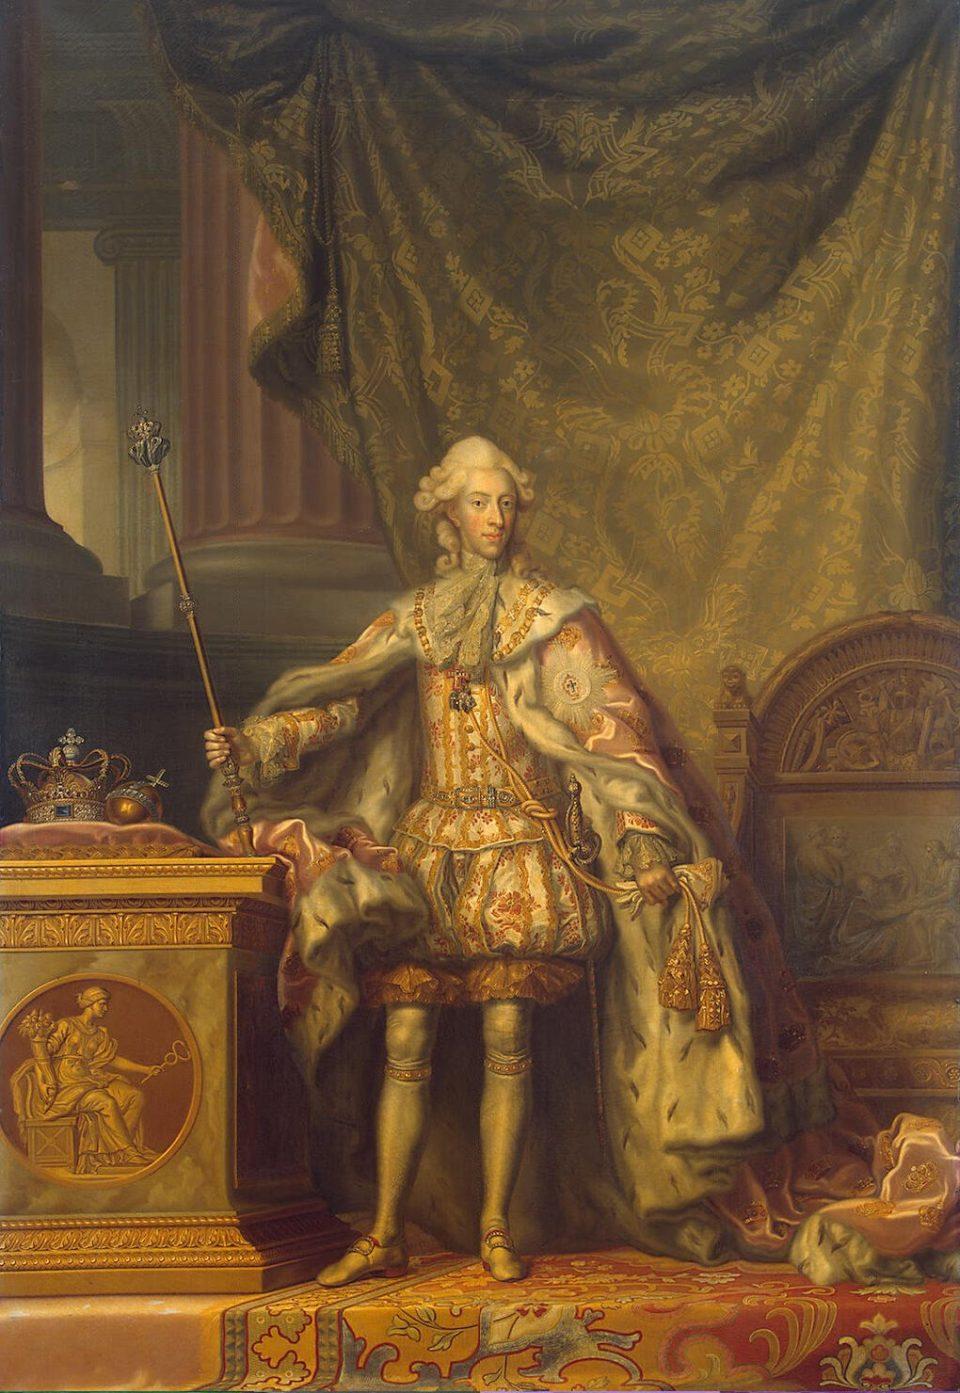 безумные диктаторы. Кристиан VII, король Дании и Норвегии